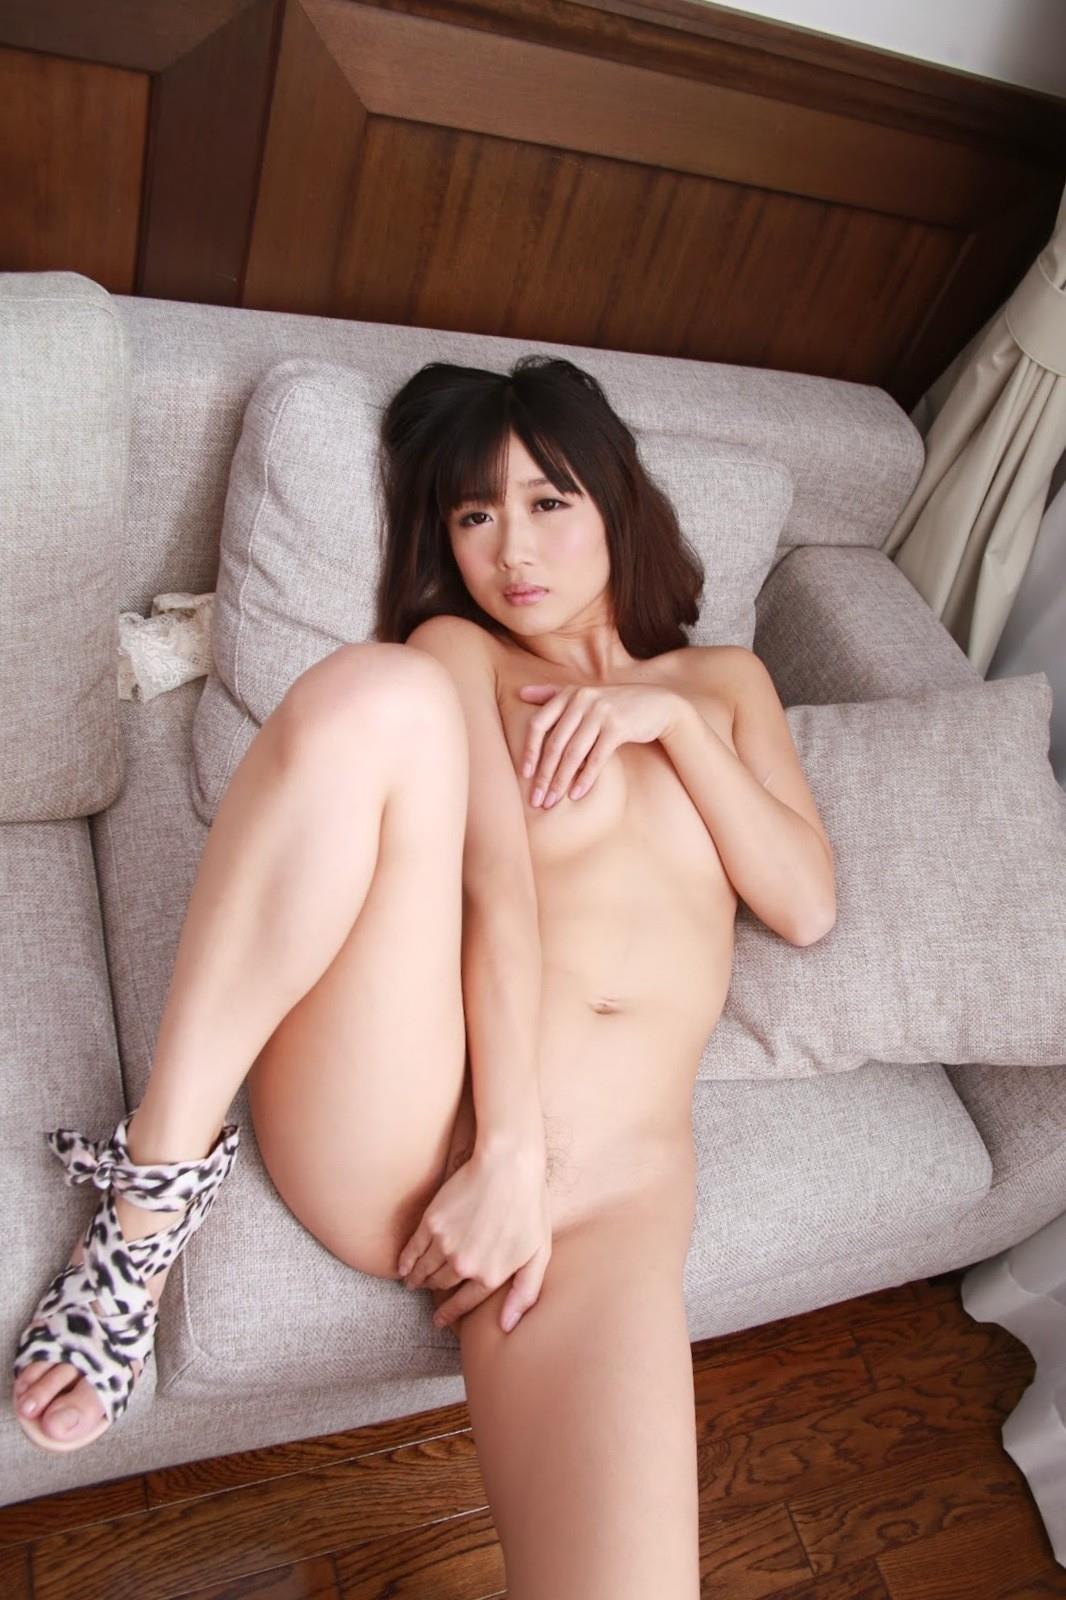 大槻ひびき エロ画像 109